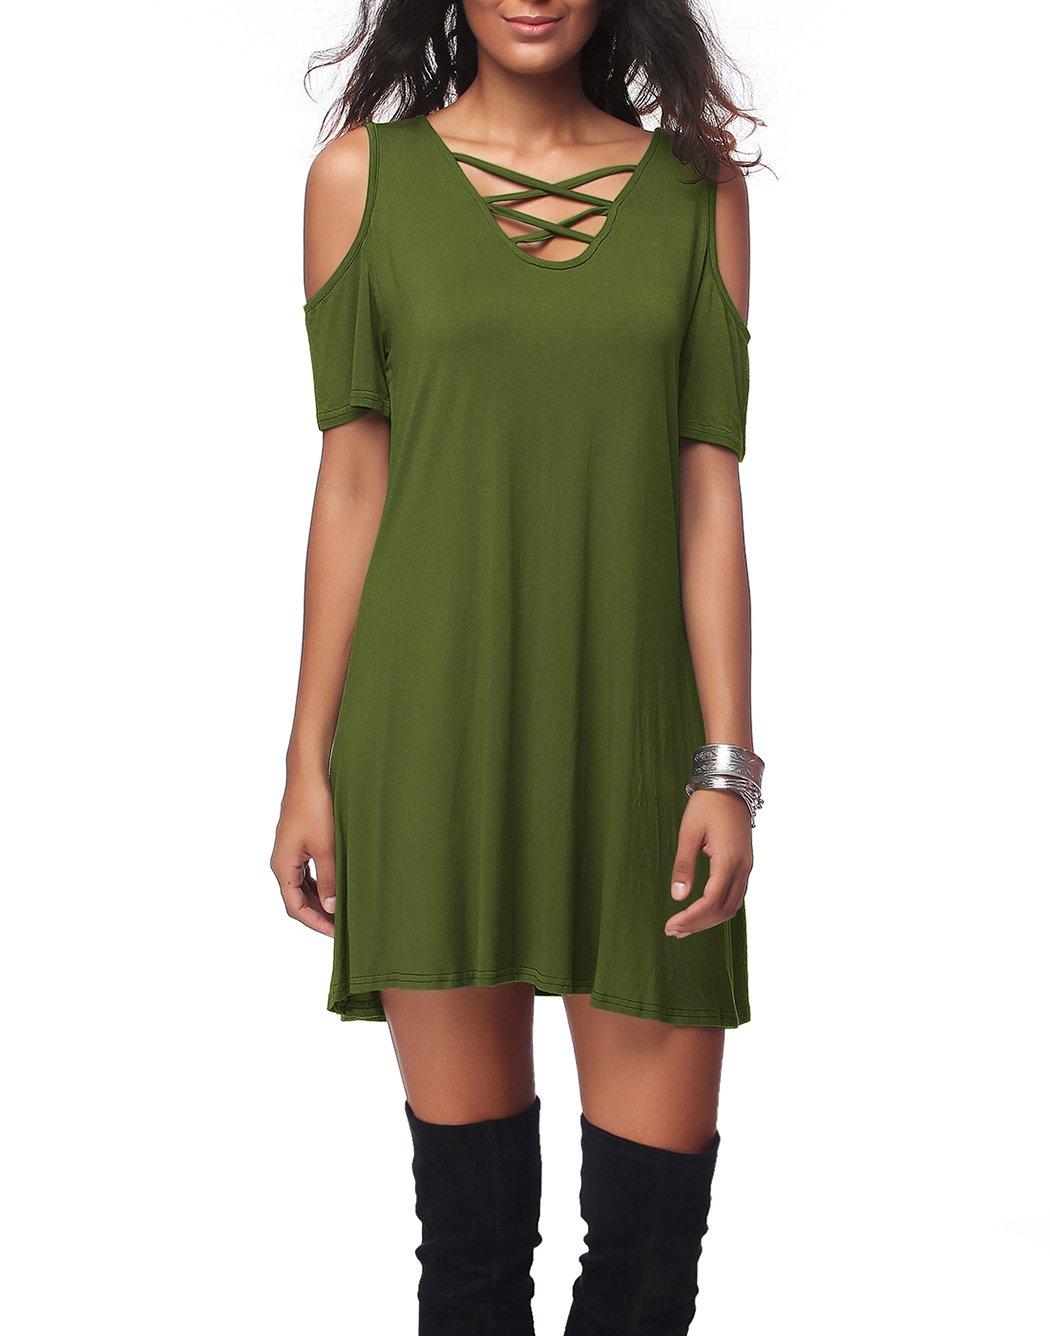 Women's Casual Short Sleeve Off Shoulder Cross V-Neck Loose Dress,Olive,XXL